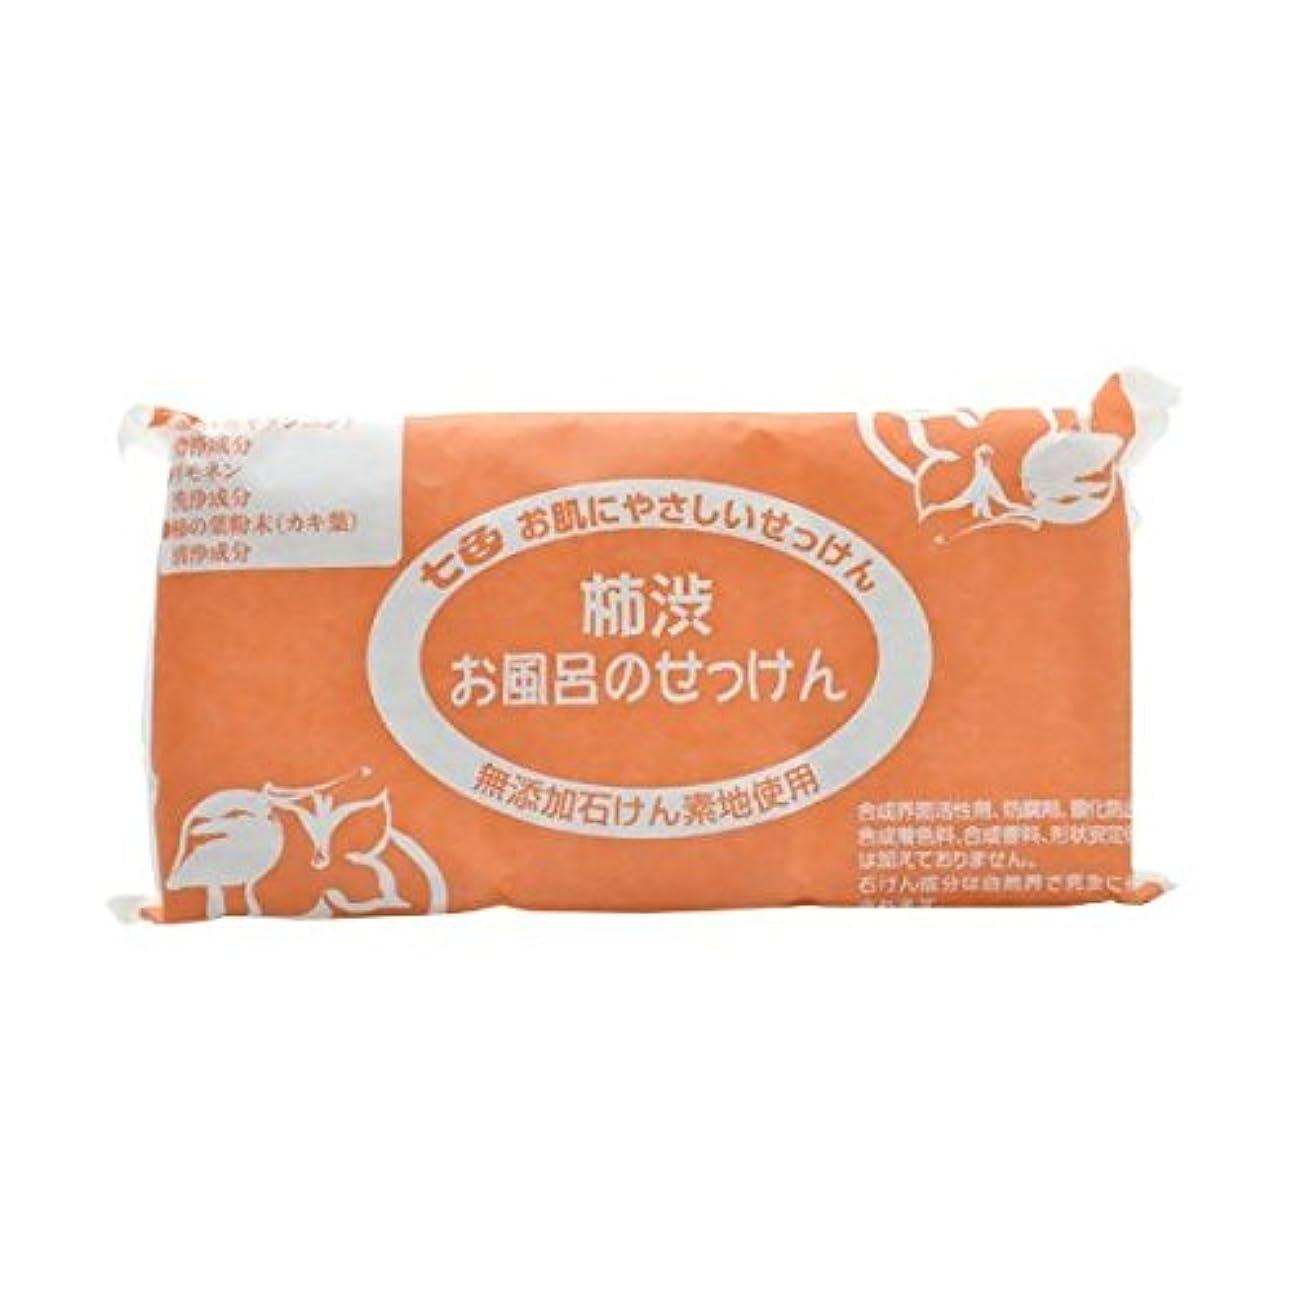 既にロマンチッククレデンシャル(まとめ買い)七色 お風呂のせっけん 柿渋(無添加石鹸) 100g×3個入×9セット